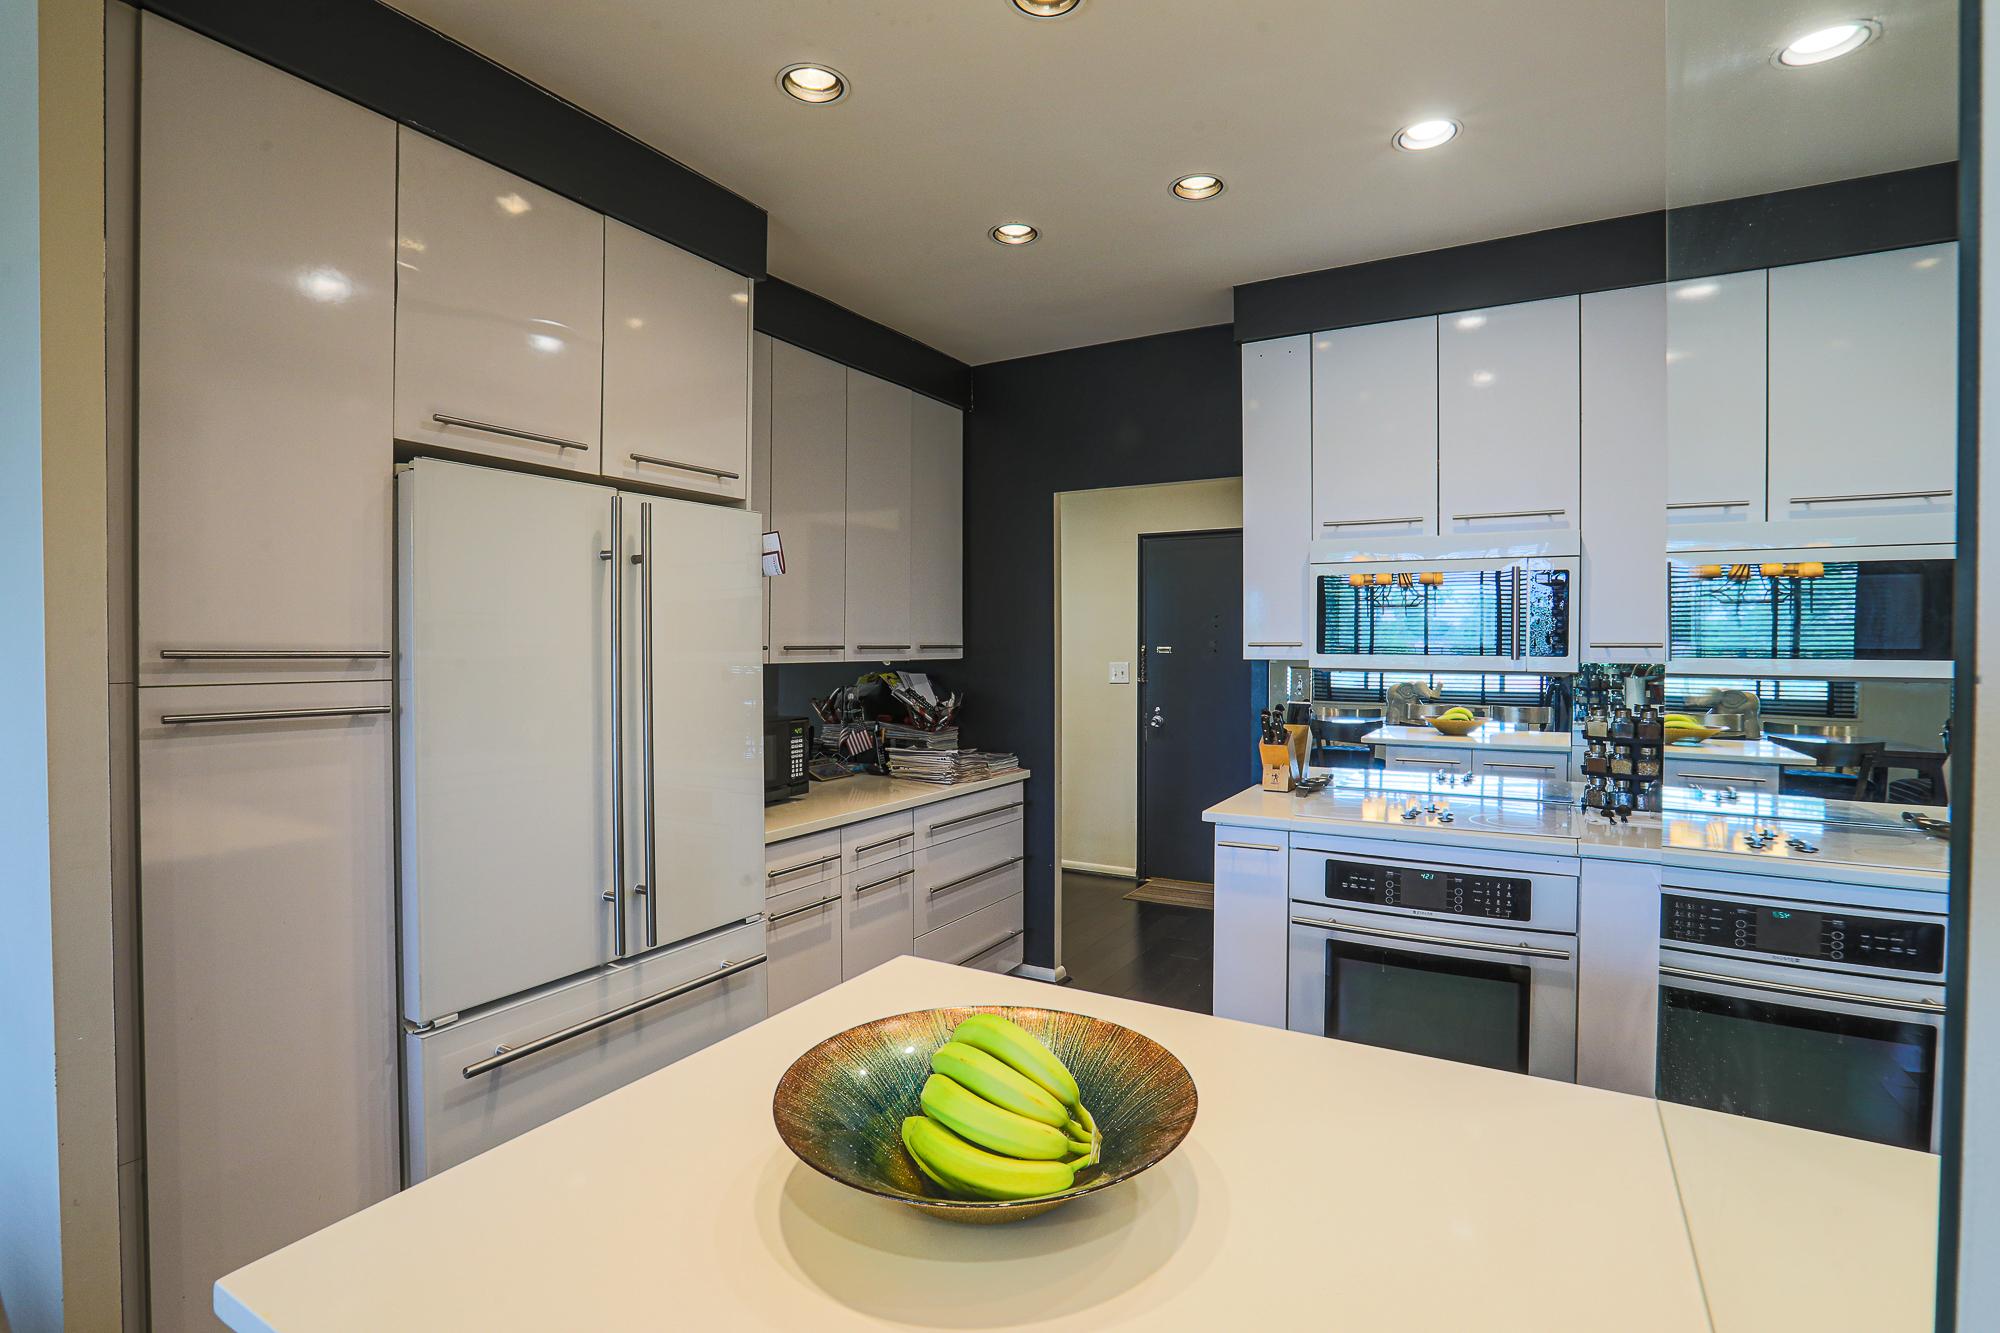 PTE closet in a closet Margaret Rome 410-530-2400